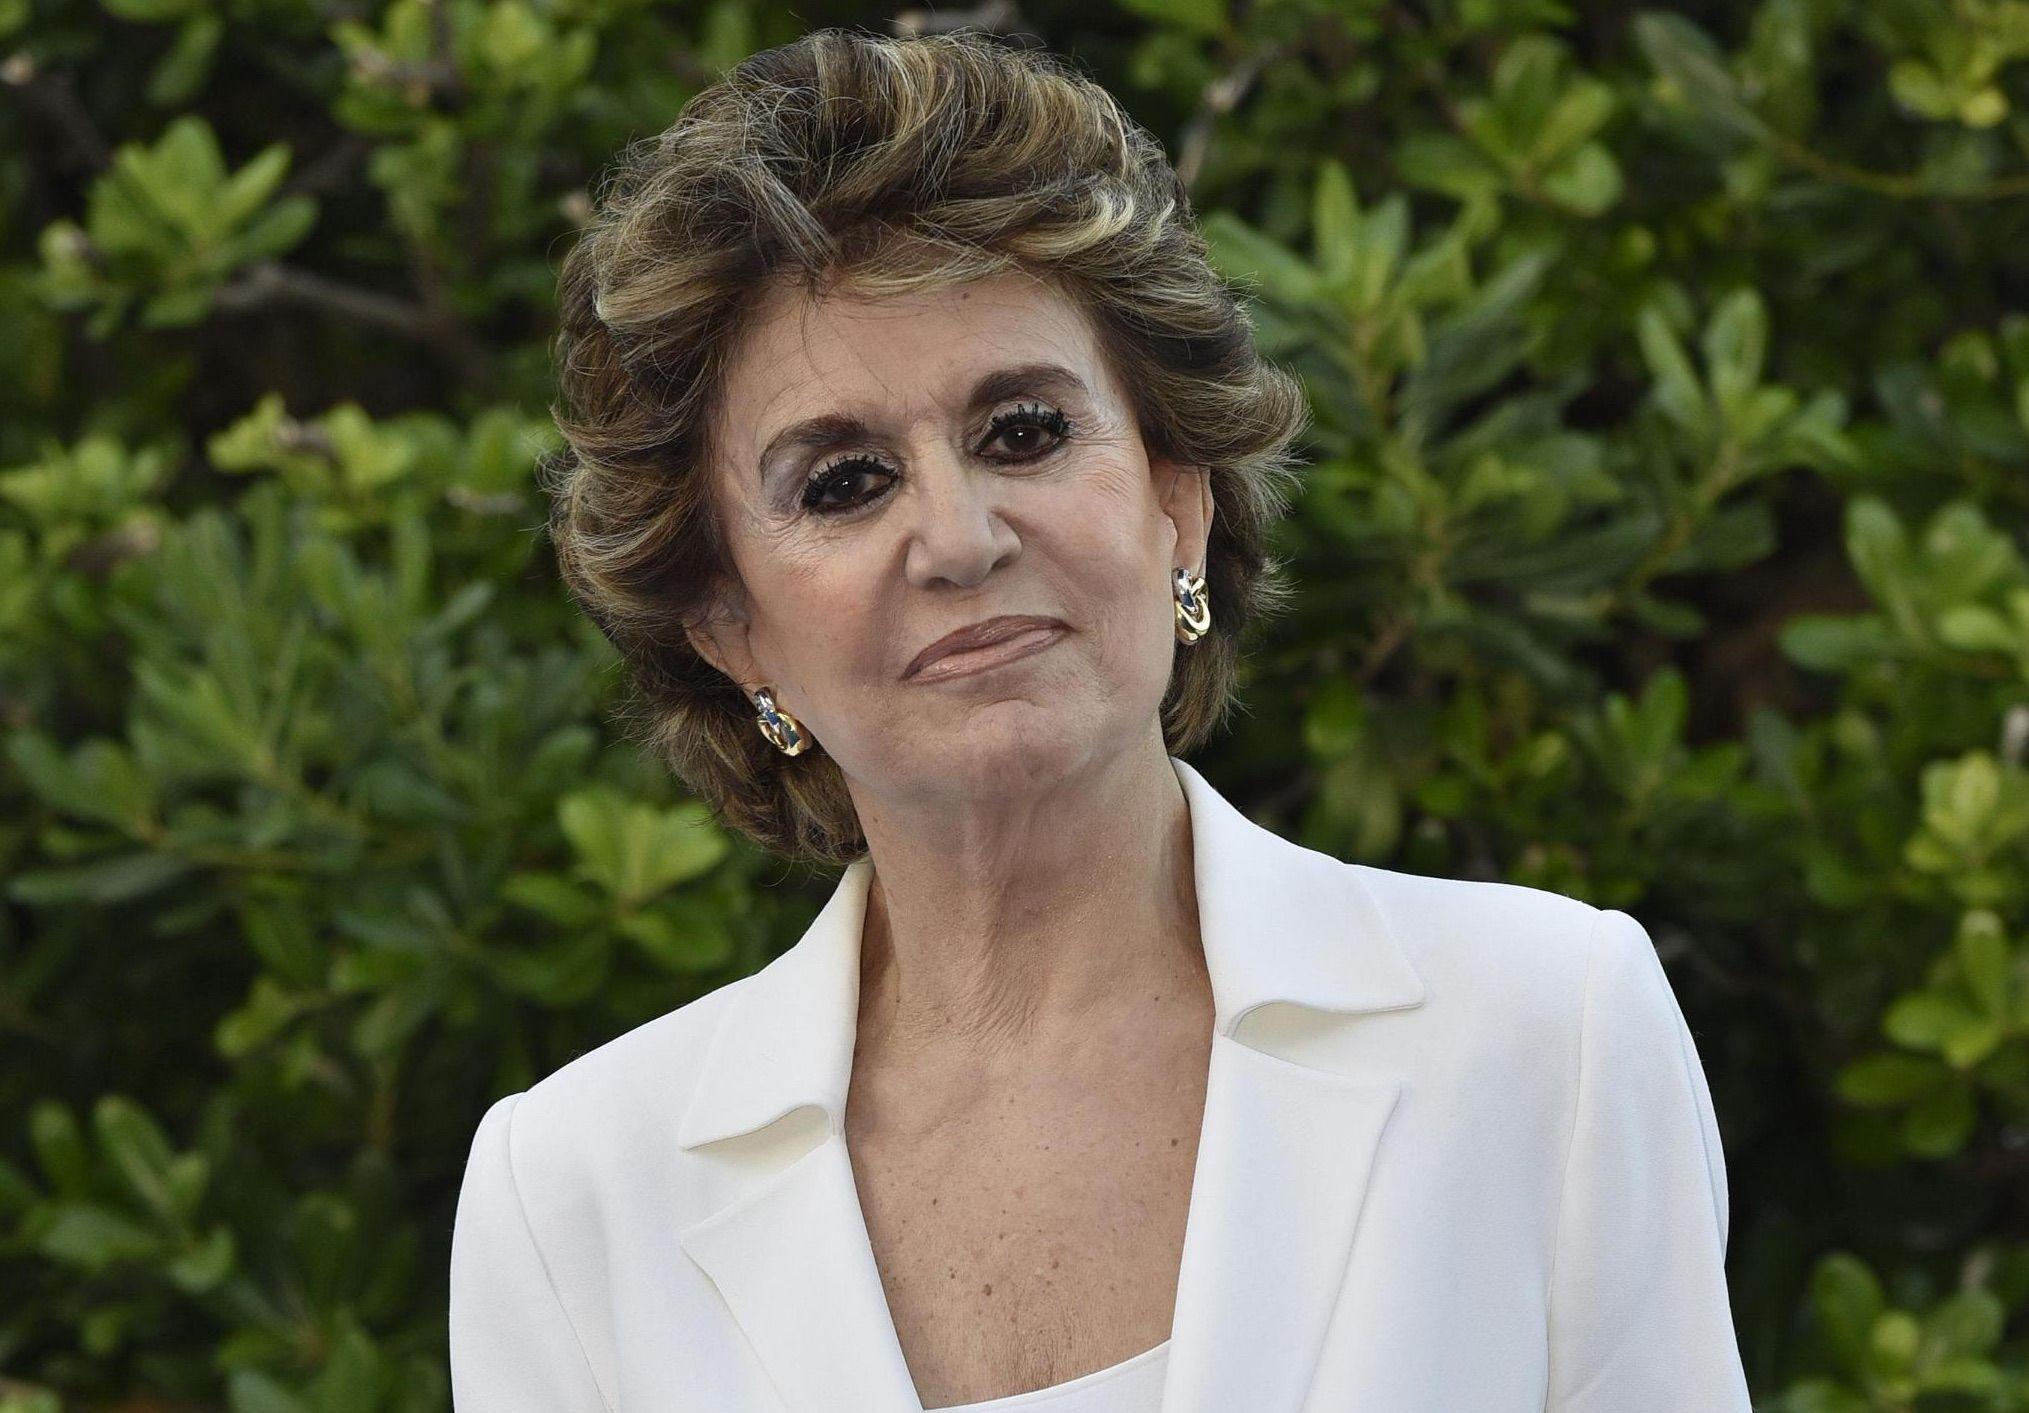 Storie Maledette, Franca Leosini: 'Mi hanno chiesto di lasciare la Rai ma ho sempre rifiutato'